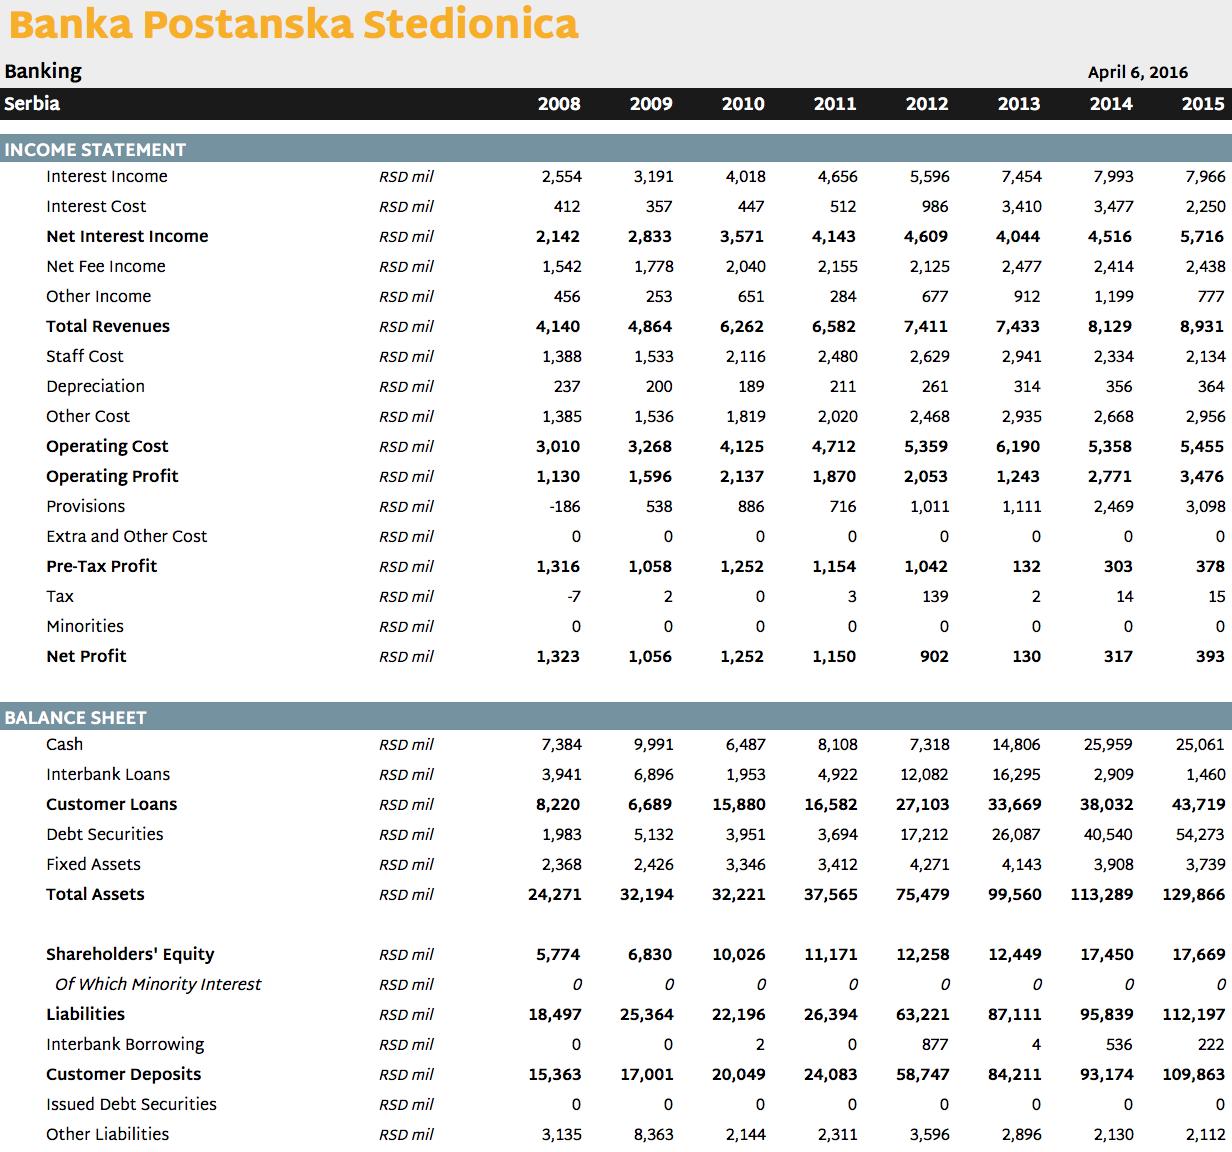 Banka Postanska Stedionica in Numbers